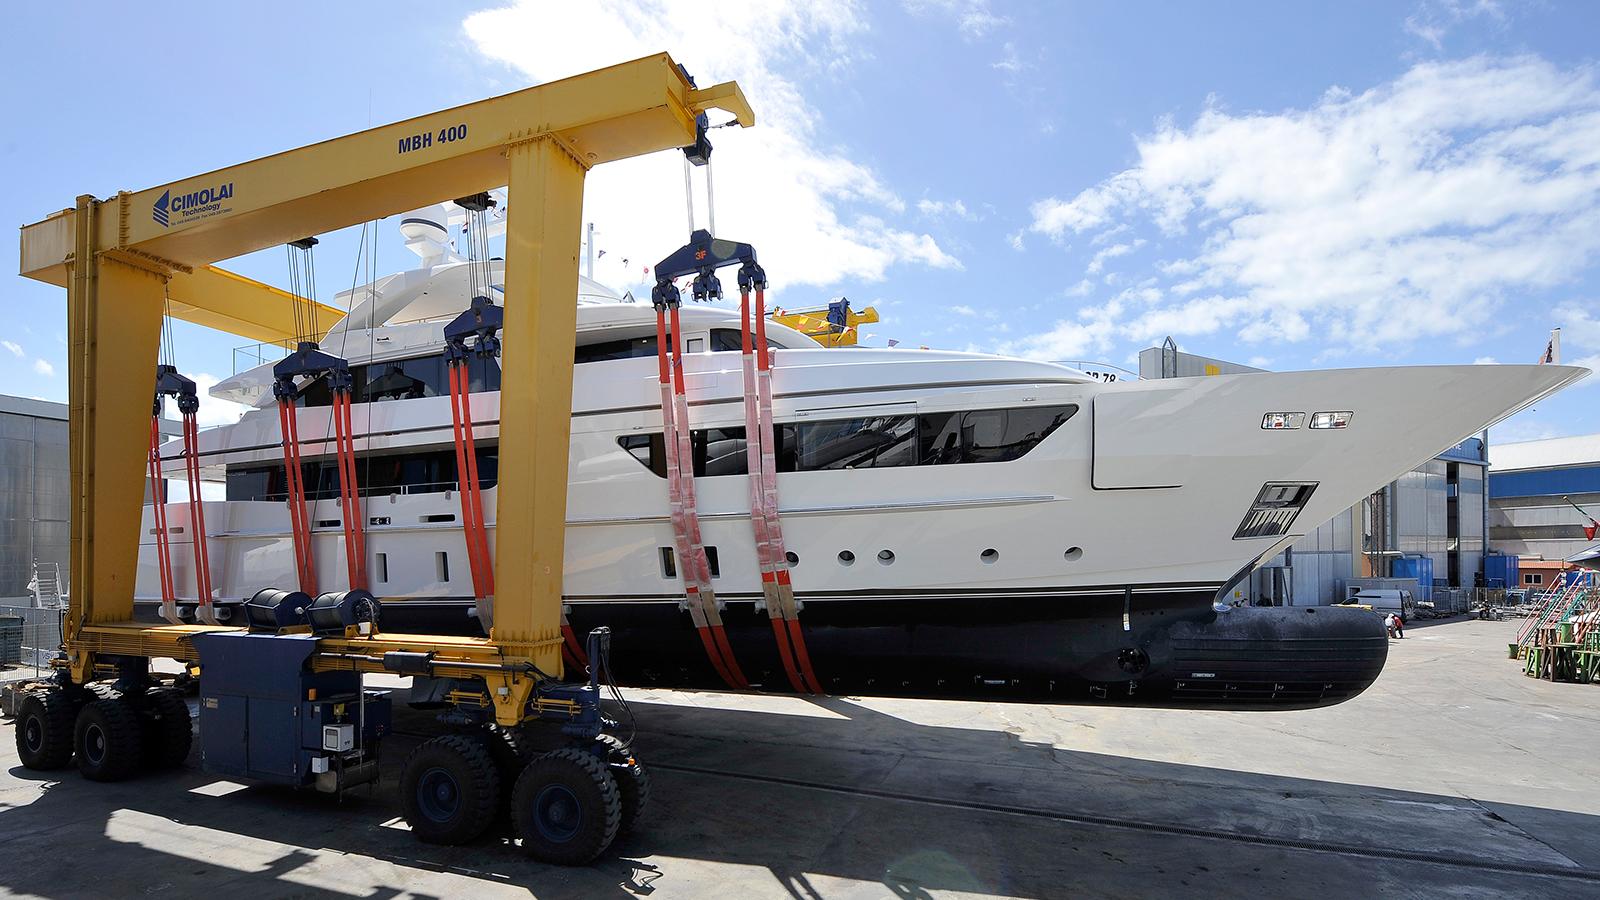 Sanlorenzo Scorpion Yacht Launch